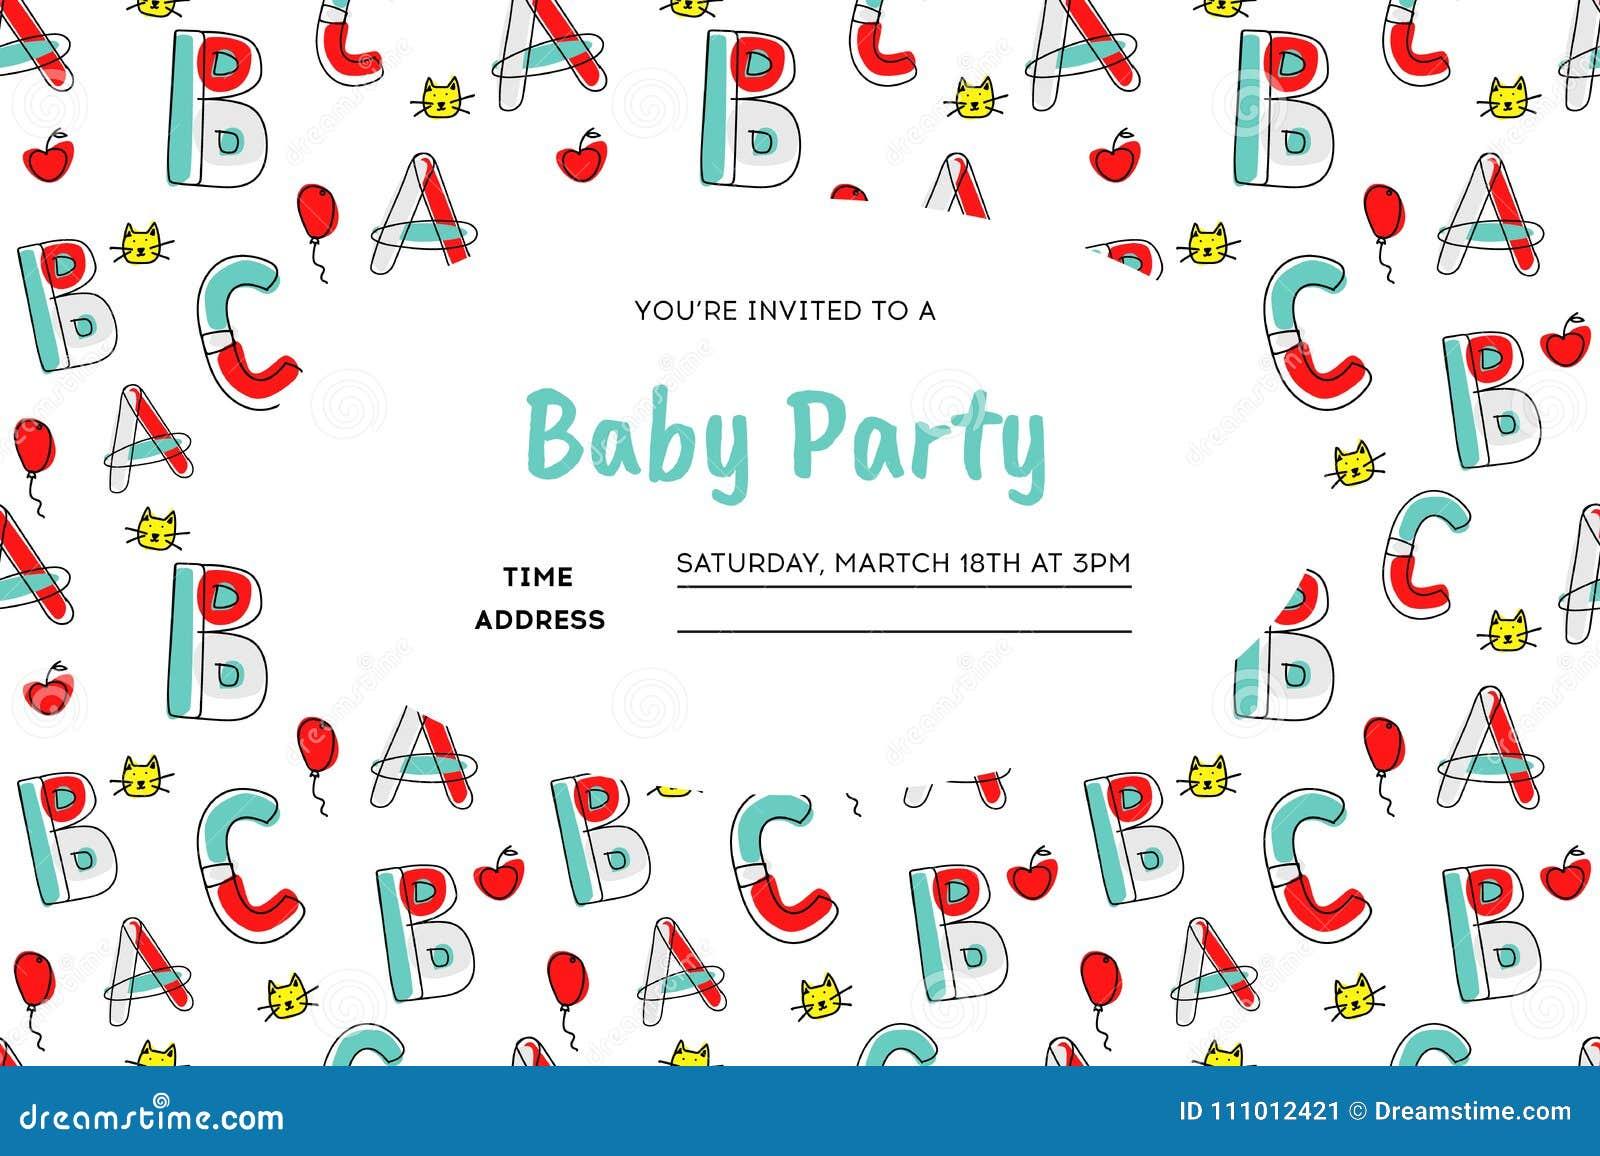 Children Party Invitation Stock Vector Illustration Of Balloon